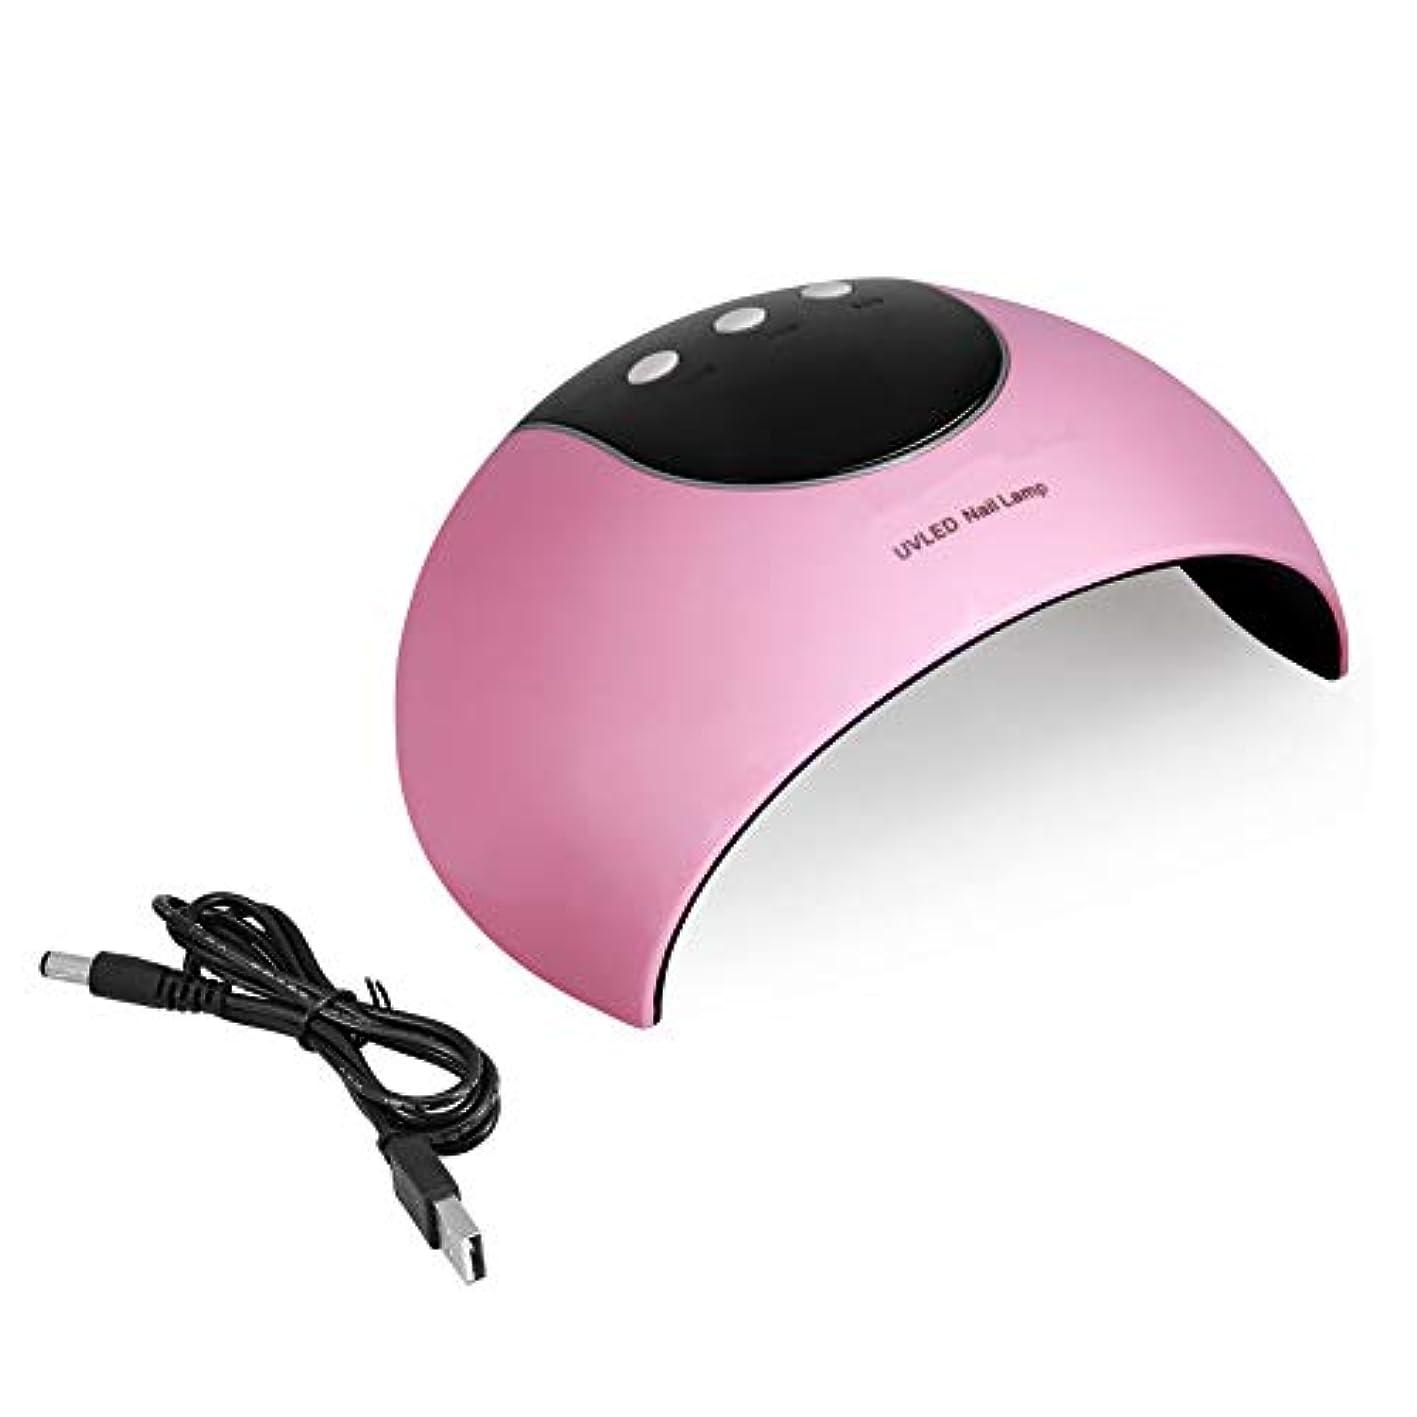 副詞アルカトラズ島人柄UVネイルランプ - 24W LEDネイルマニキュアランプネイルポリッシュドライヤーオートセンサーマシンネイルアートドライヤーピンク (Color : Pink)